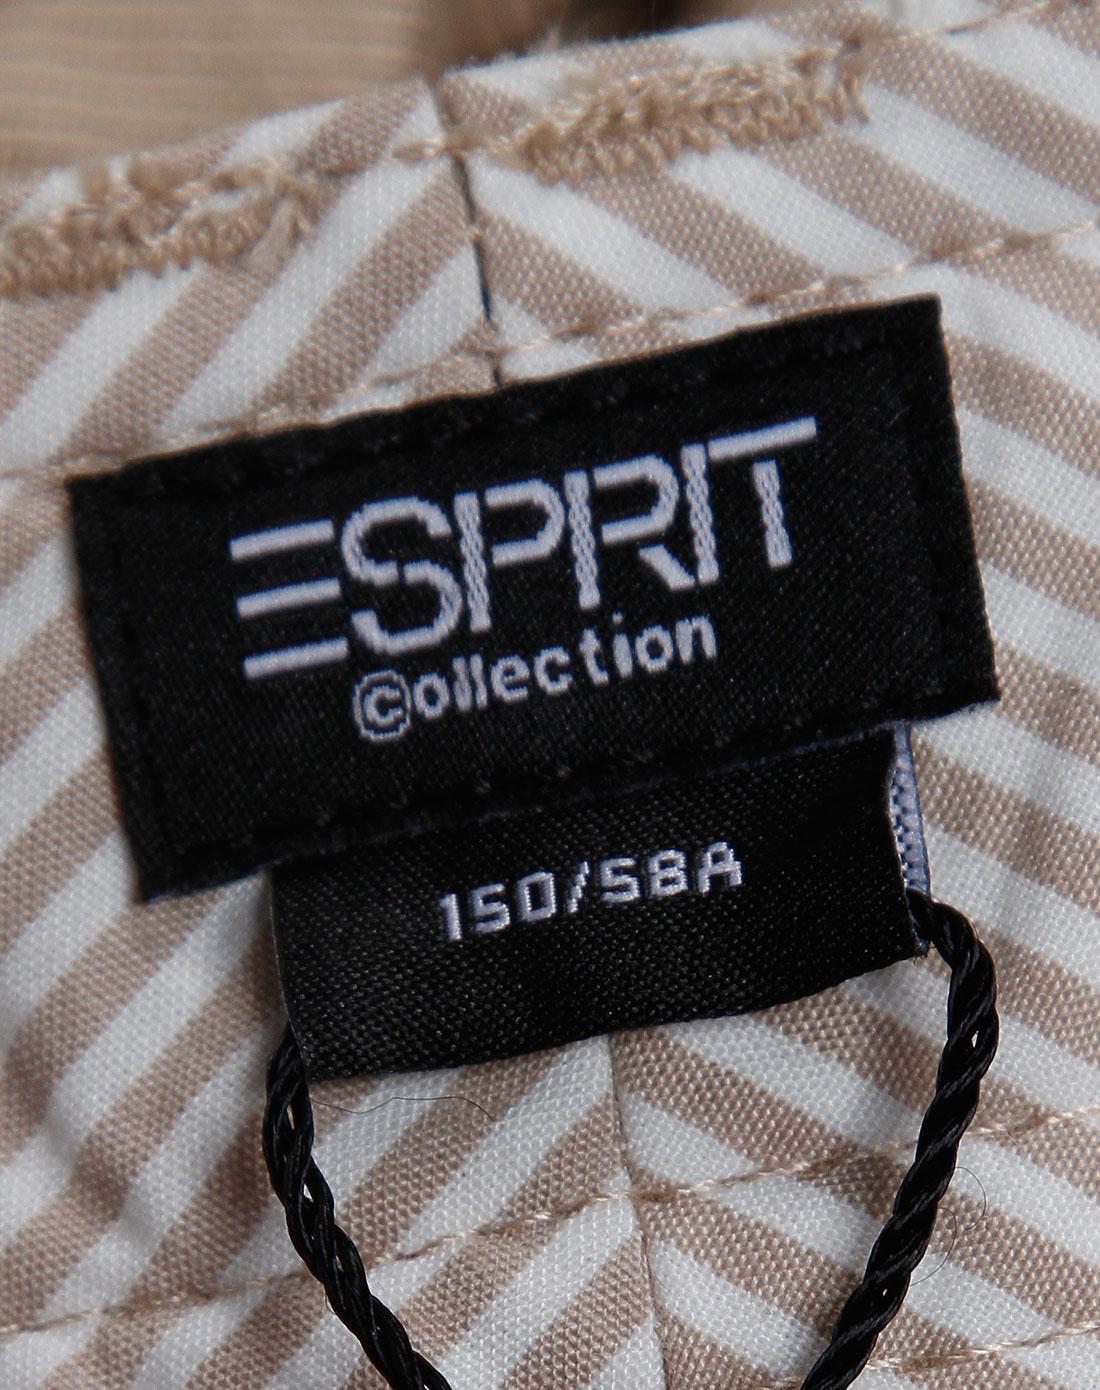 Esprit 女款卡其色直筒休闲长裤 埃斯普利特Esprit官网特价2.5图片